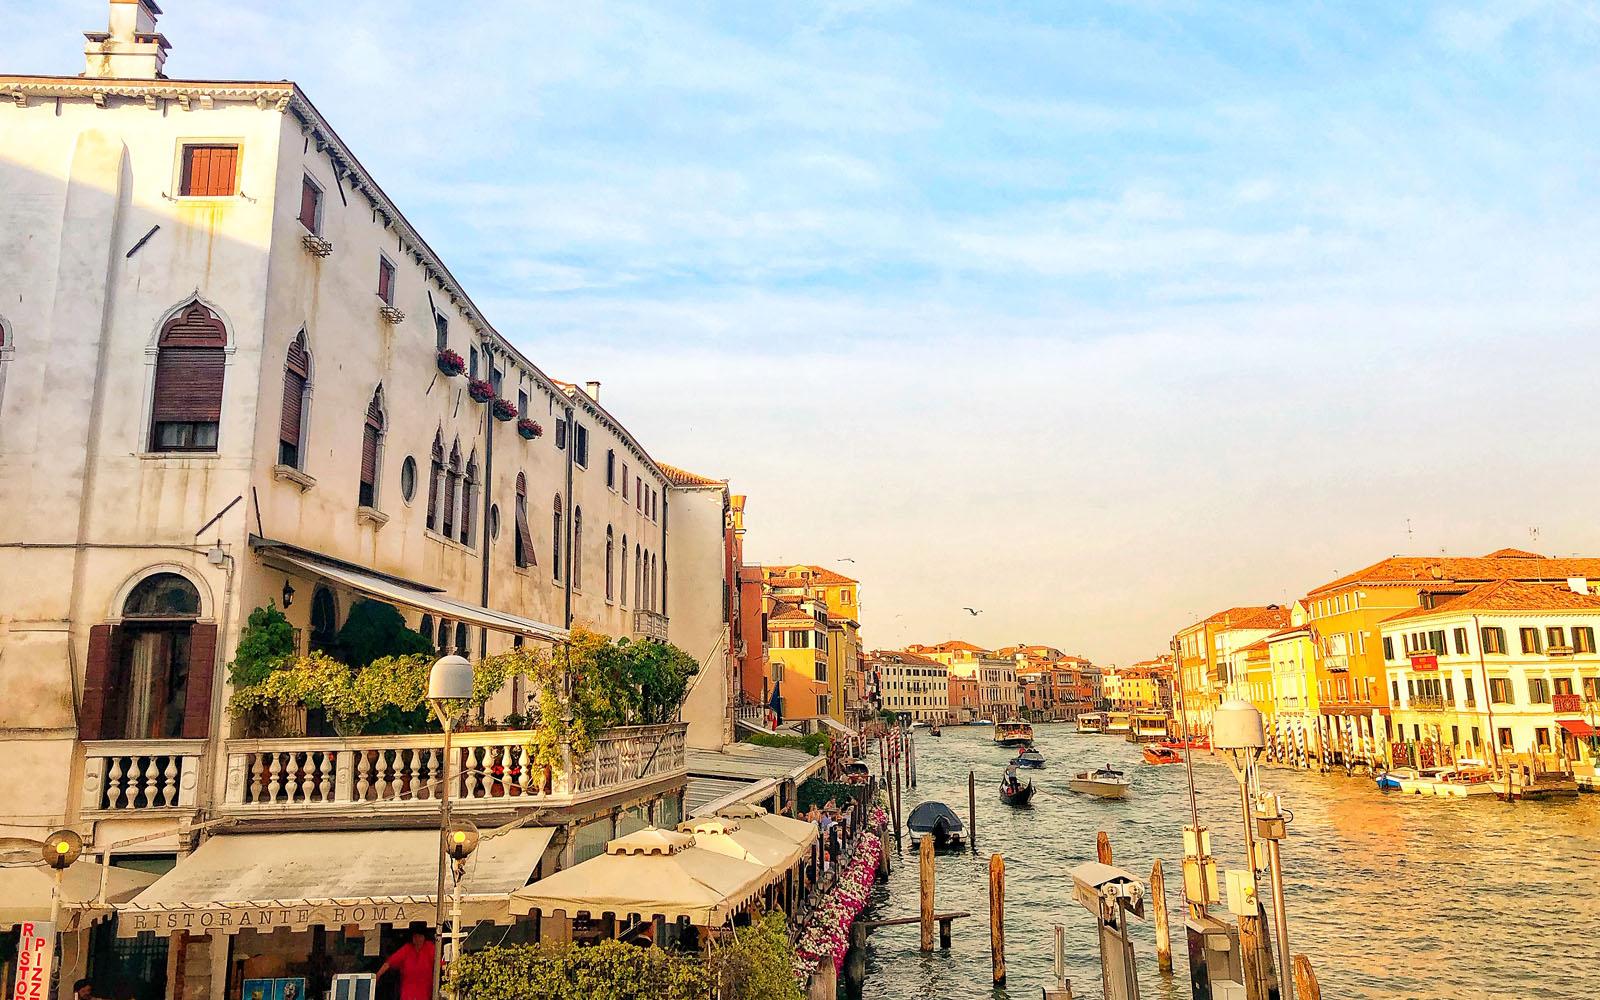 Venezia e la sua magica atmosfera.